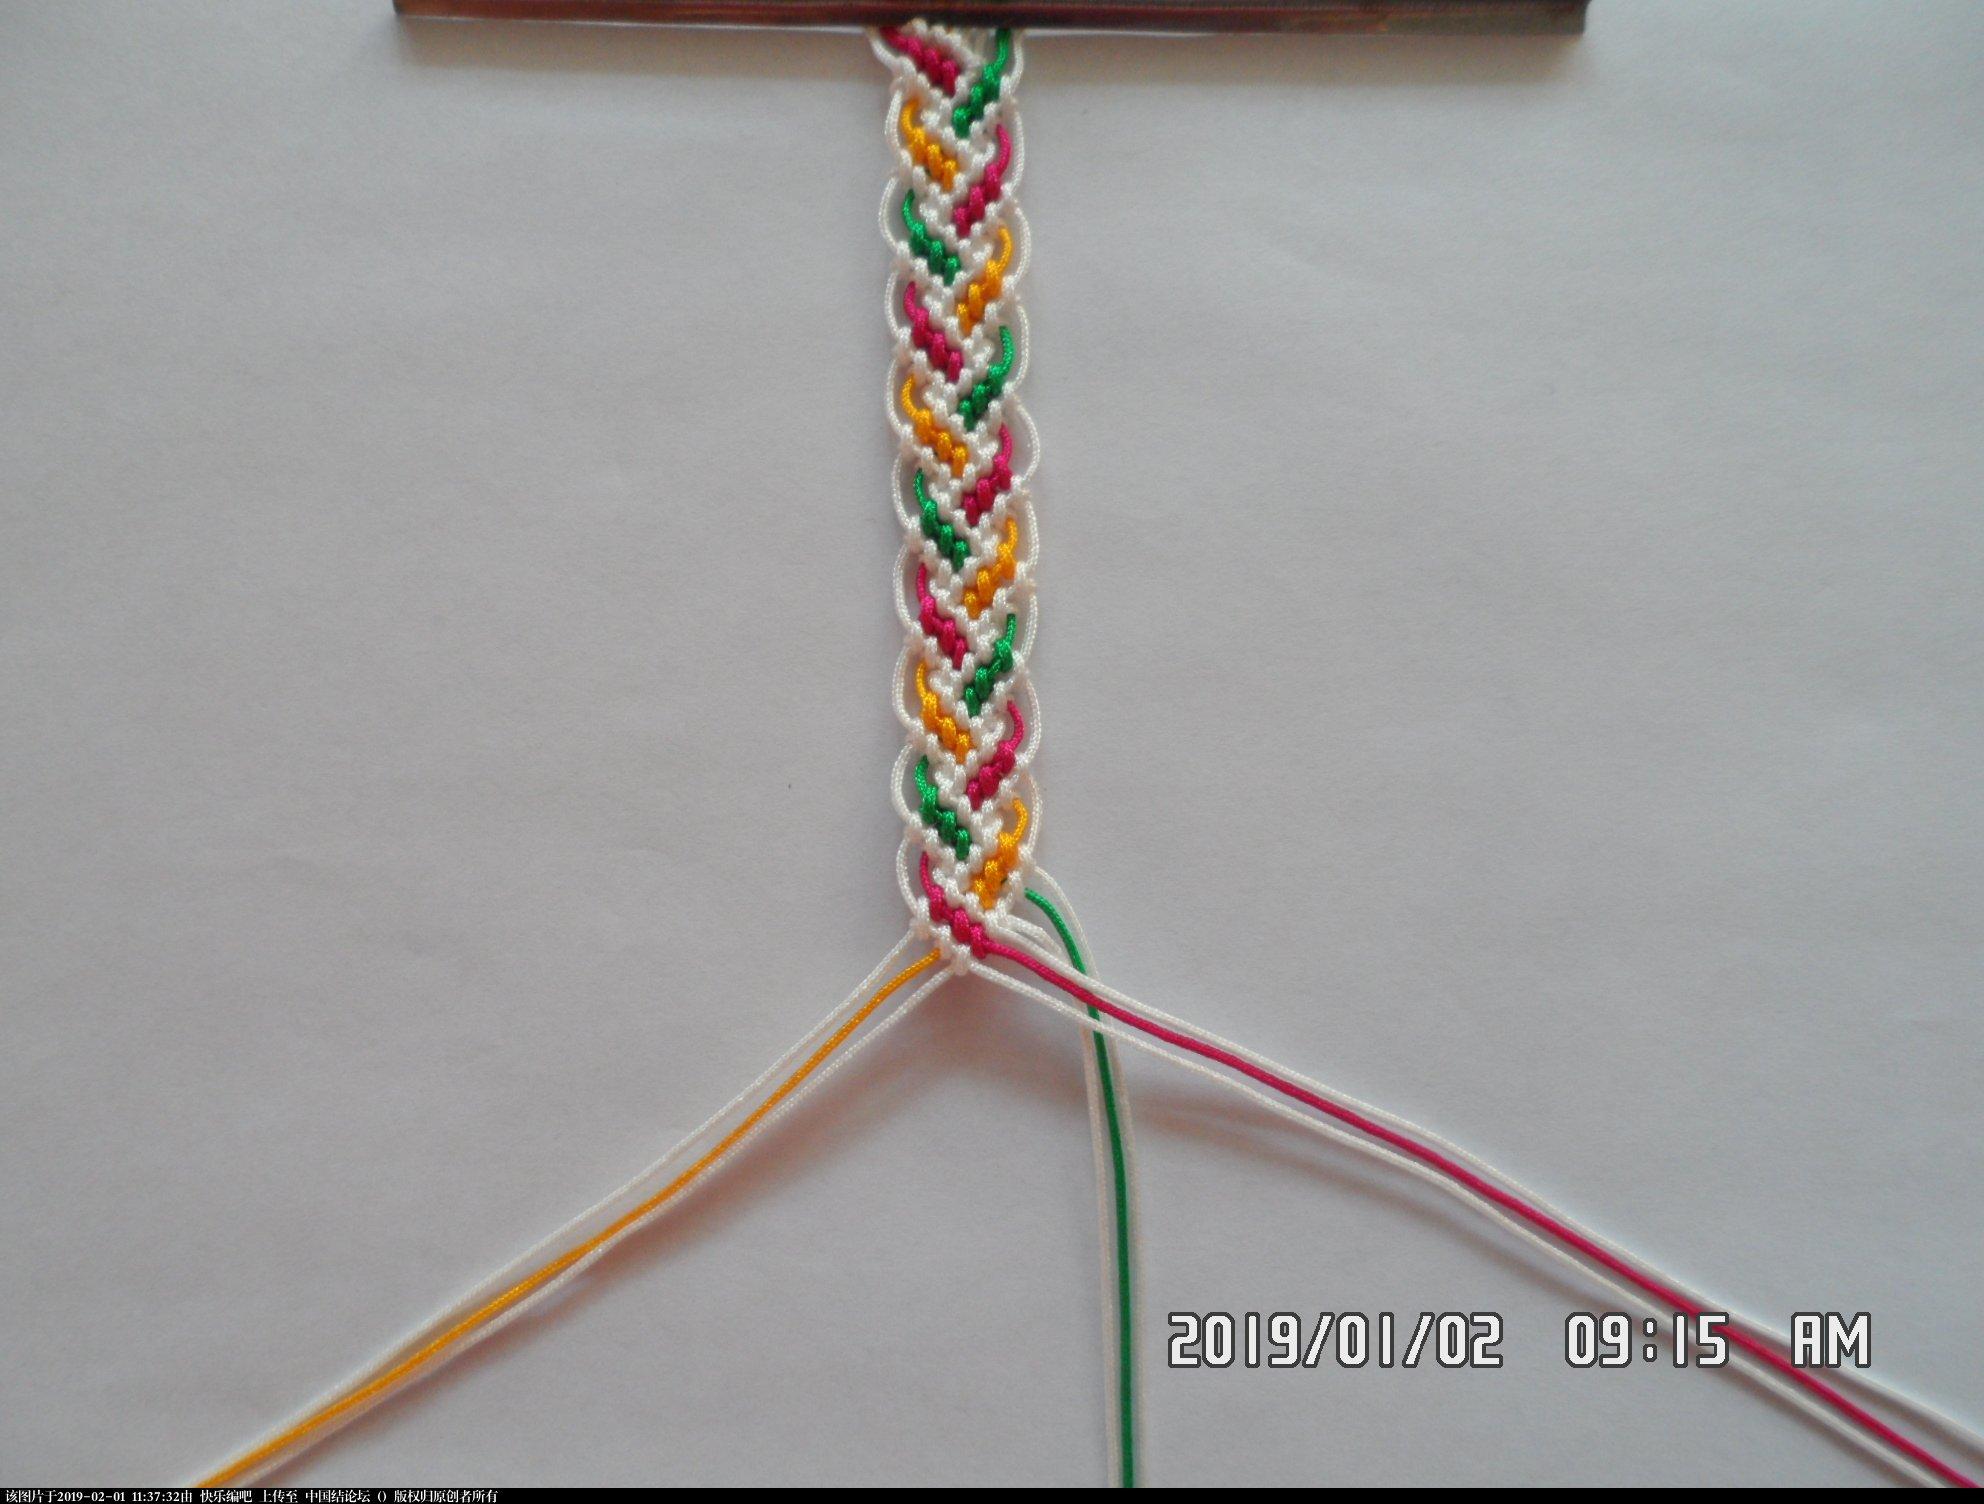 中国结论坛 一款彩色辫子图案手绳的编法 —— 反斜卷结练习  图文教程区 105853v7q1551be8bwb8b3